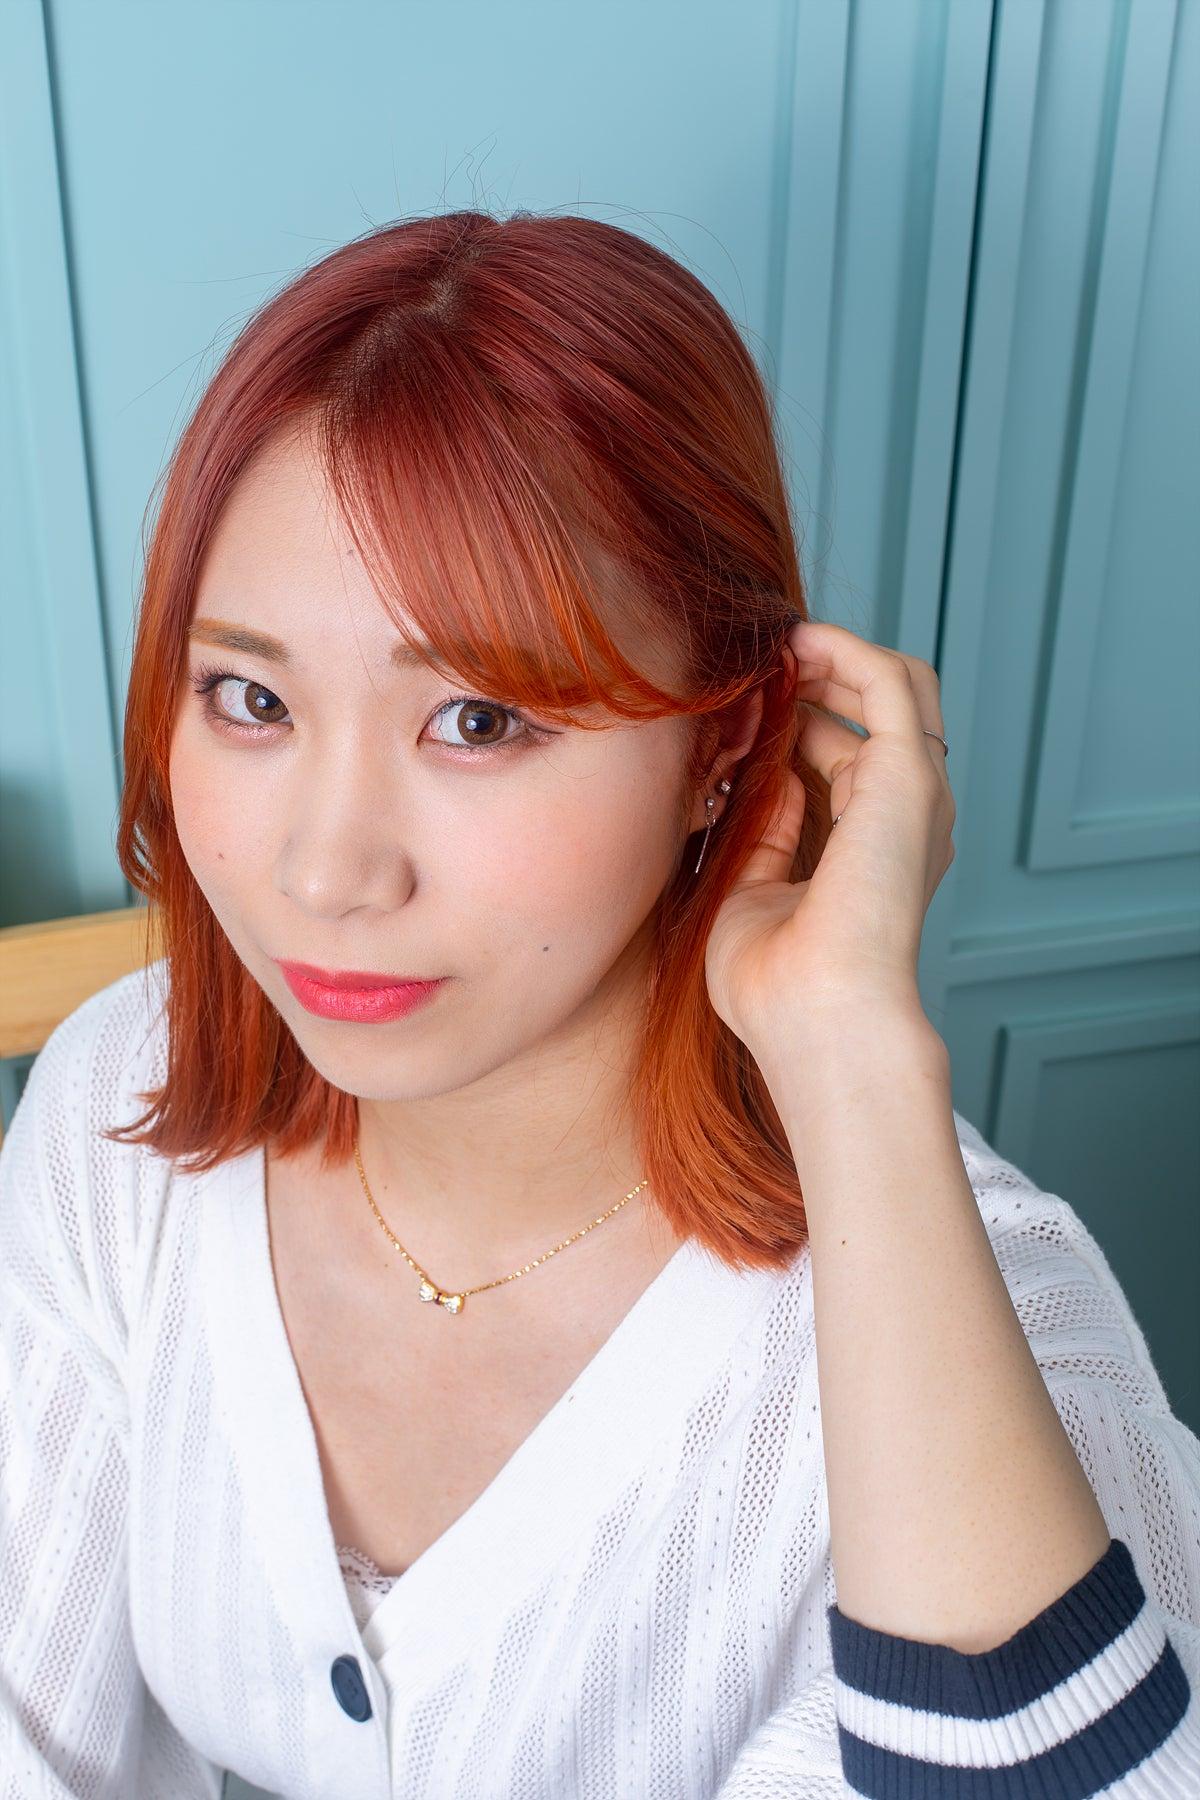 韓国ヘアスタイル】 韓国の芸能人ヘアスタイル、オレンジカラー